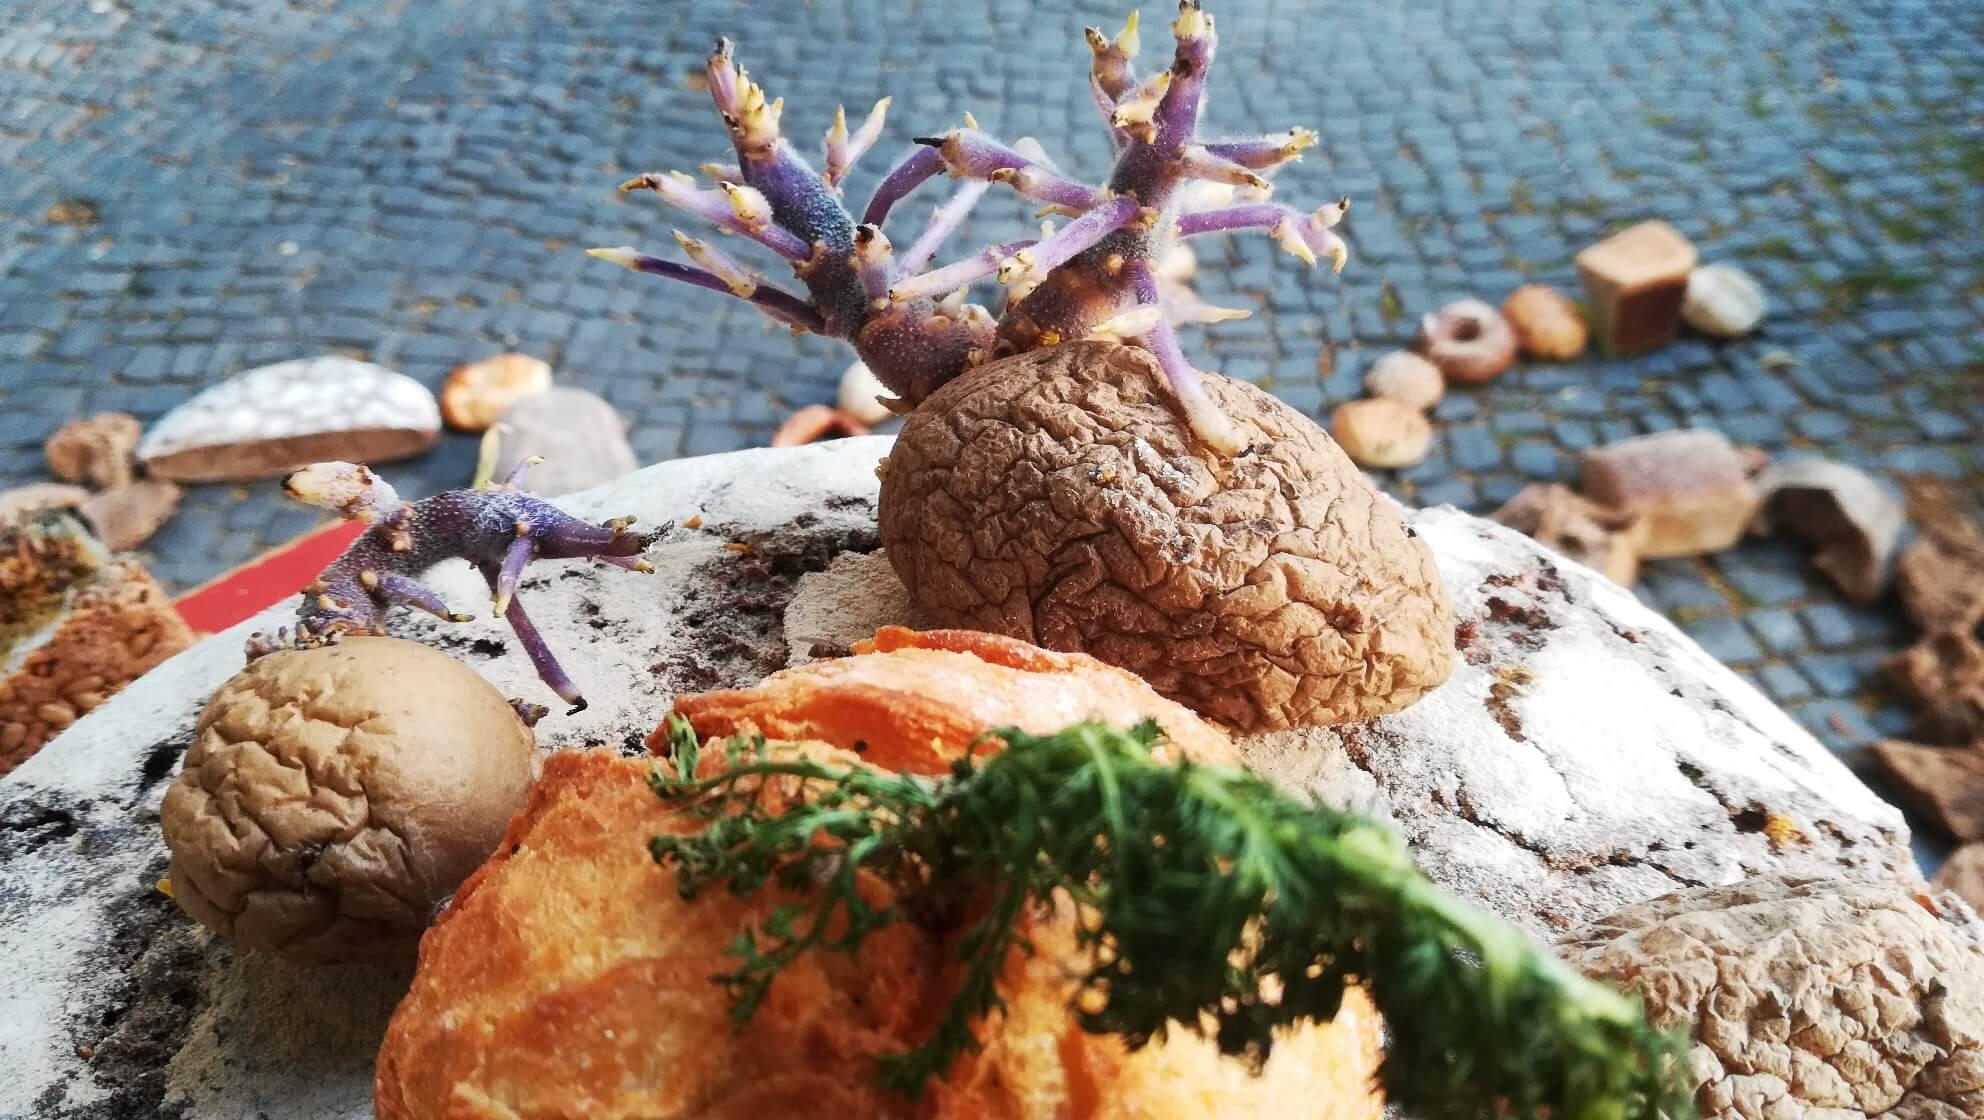 48 Stunden Neukölln 2019 – Pulszeit e.V. provoziert mit Brot auf der Straße